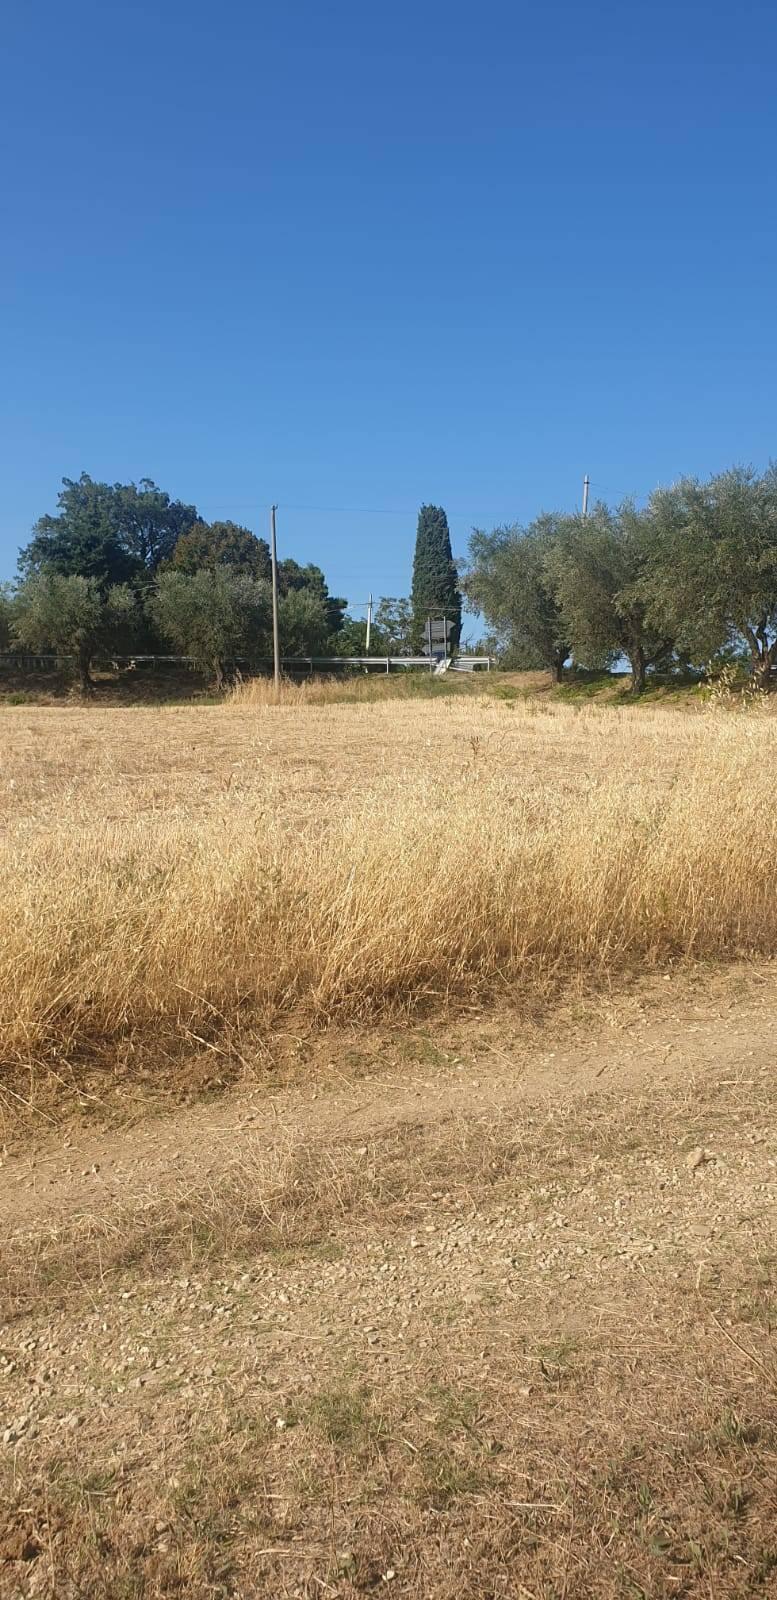 Terreno Agricolo in vendita a Mosciano Sant'Angelo, 9999 locali, prezzo € 40.000 | CambioCasa.it